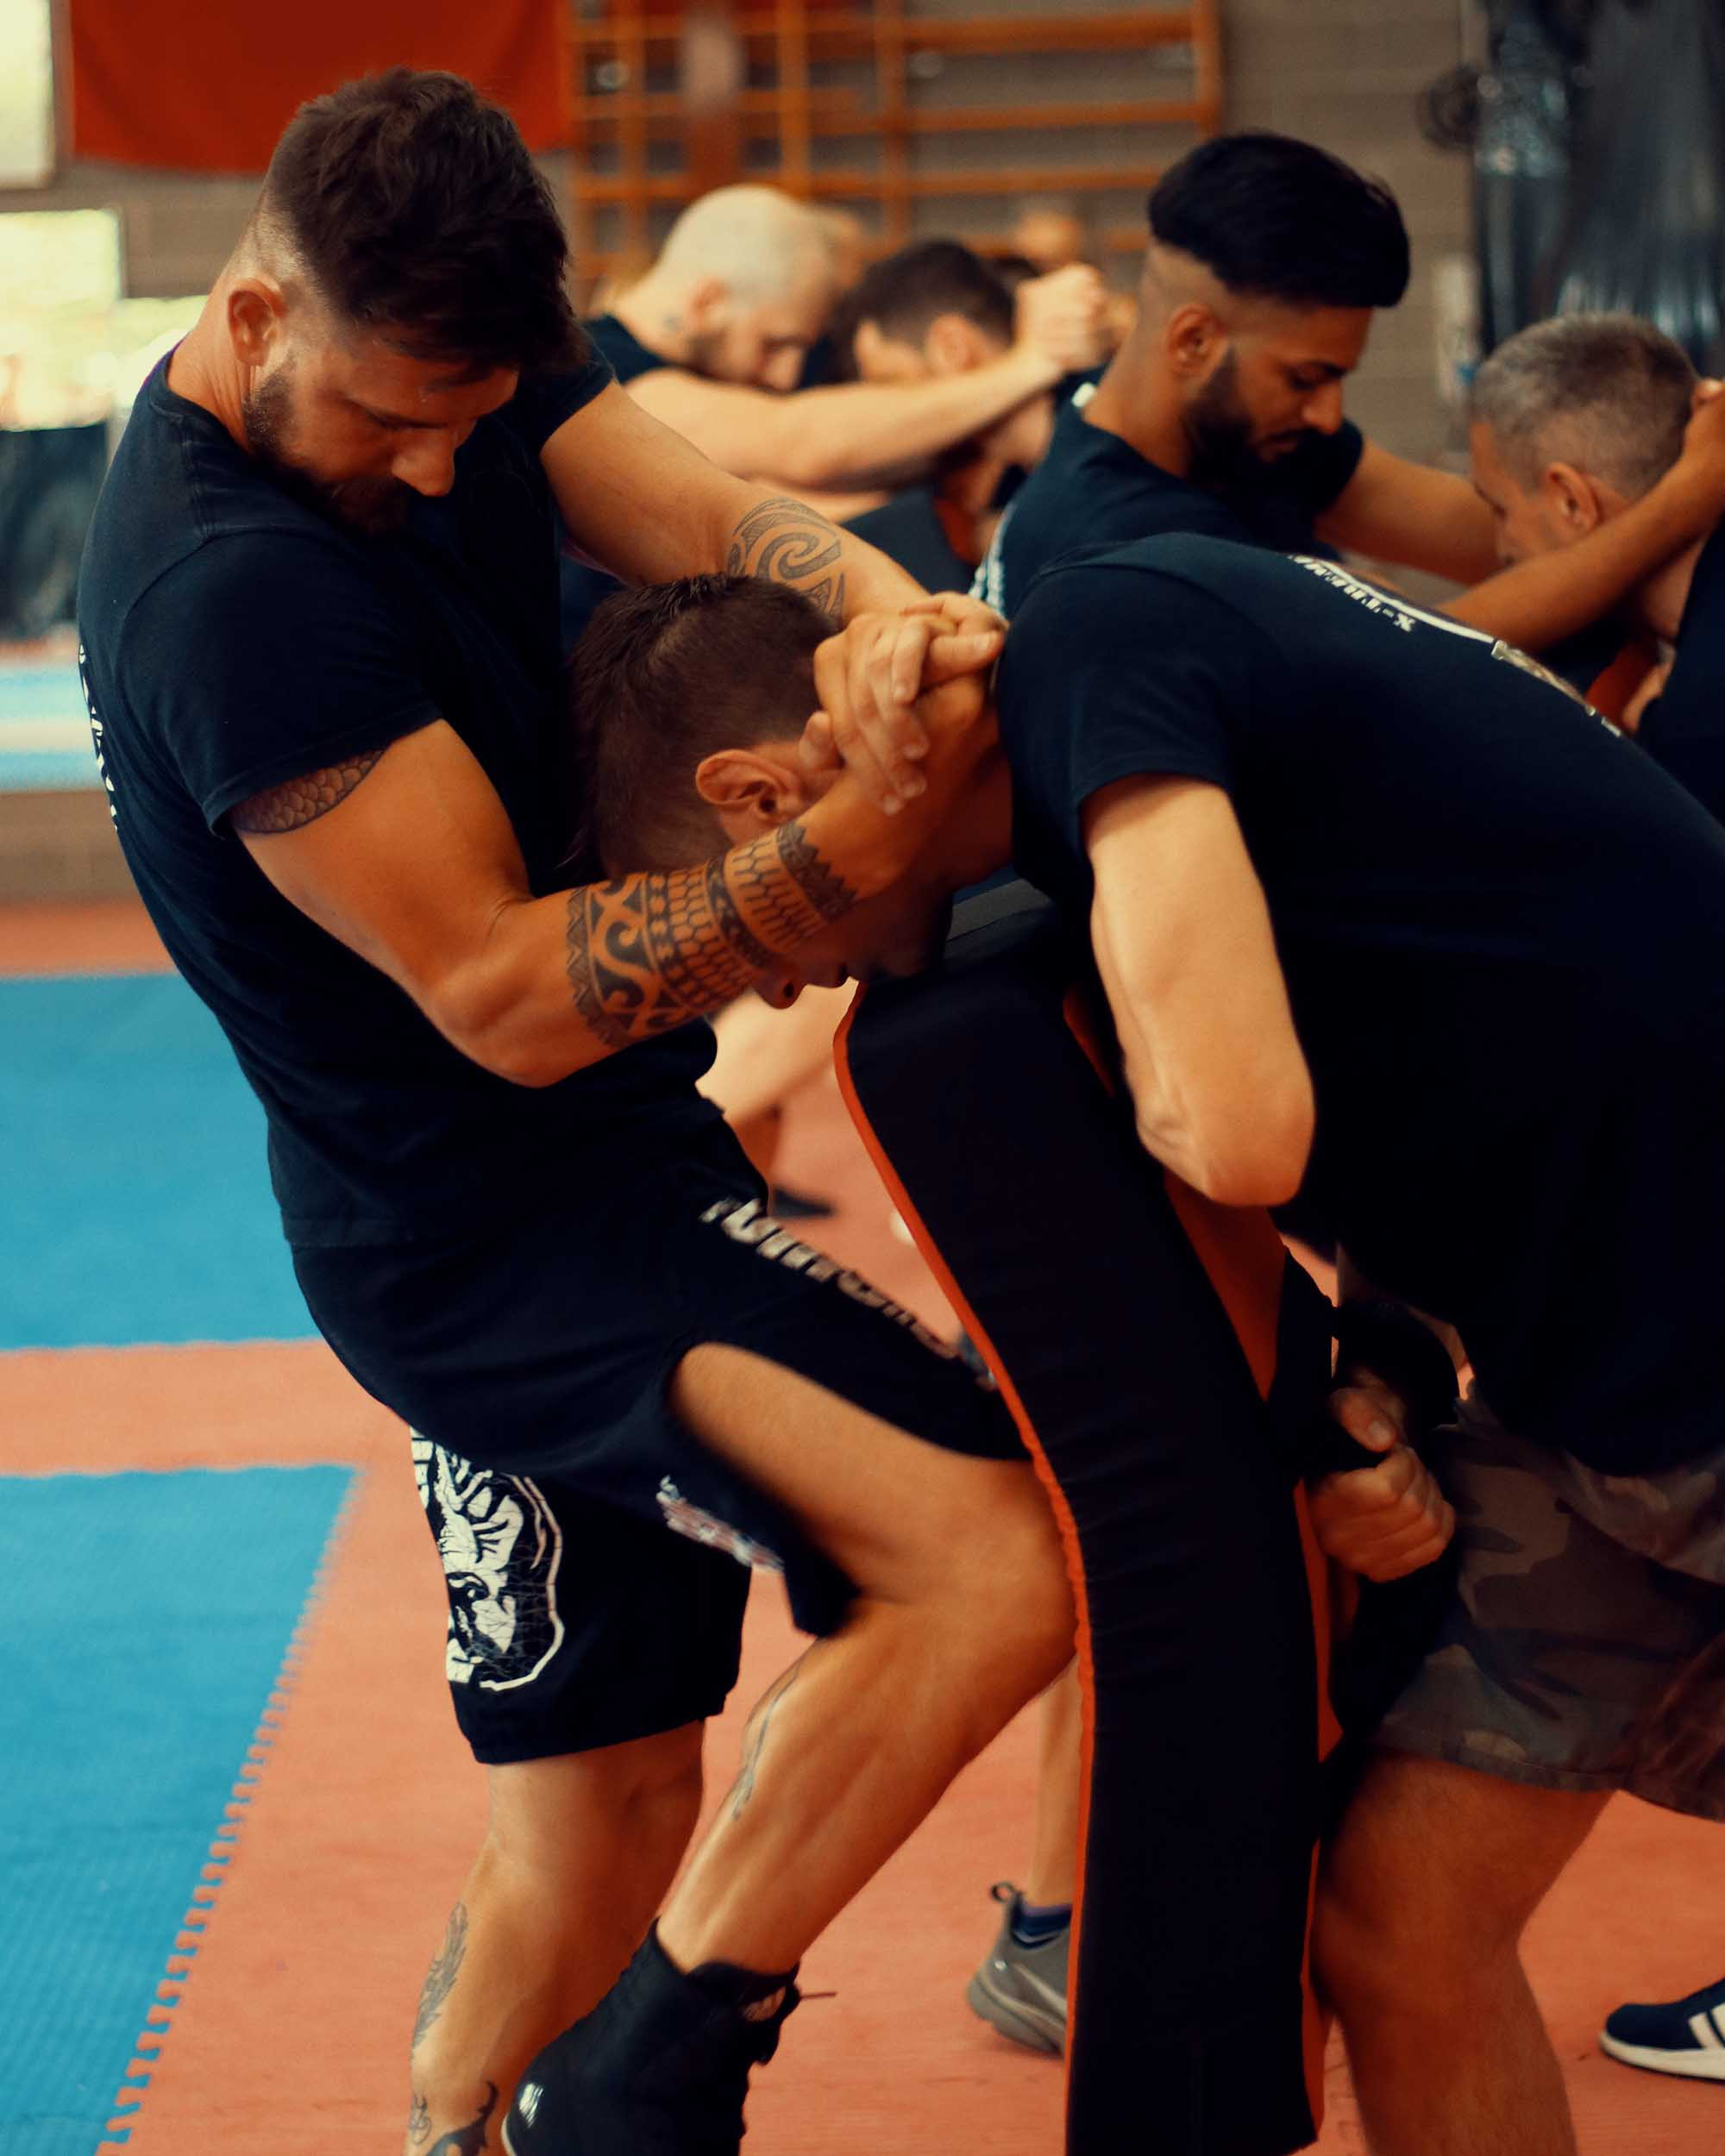 Corso Krav Maga Brescia. Allenamenti durante i nostri corsi di Krav Maga a Brescia Official Course gym